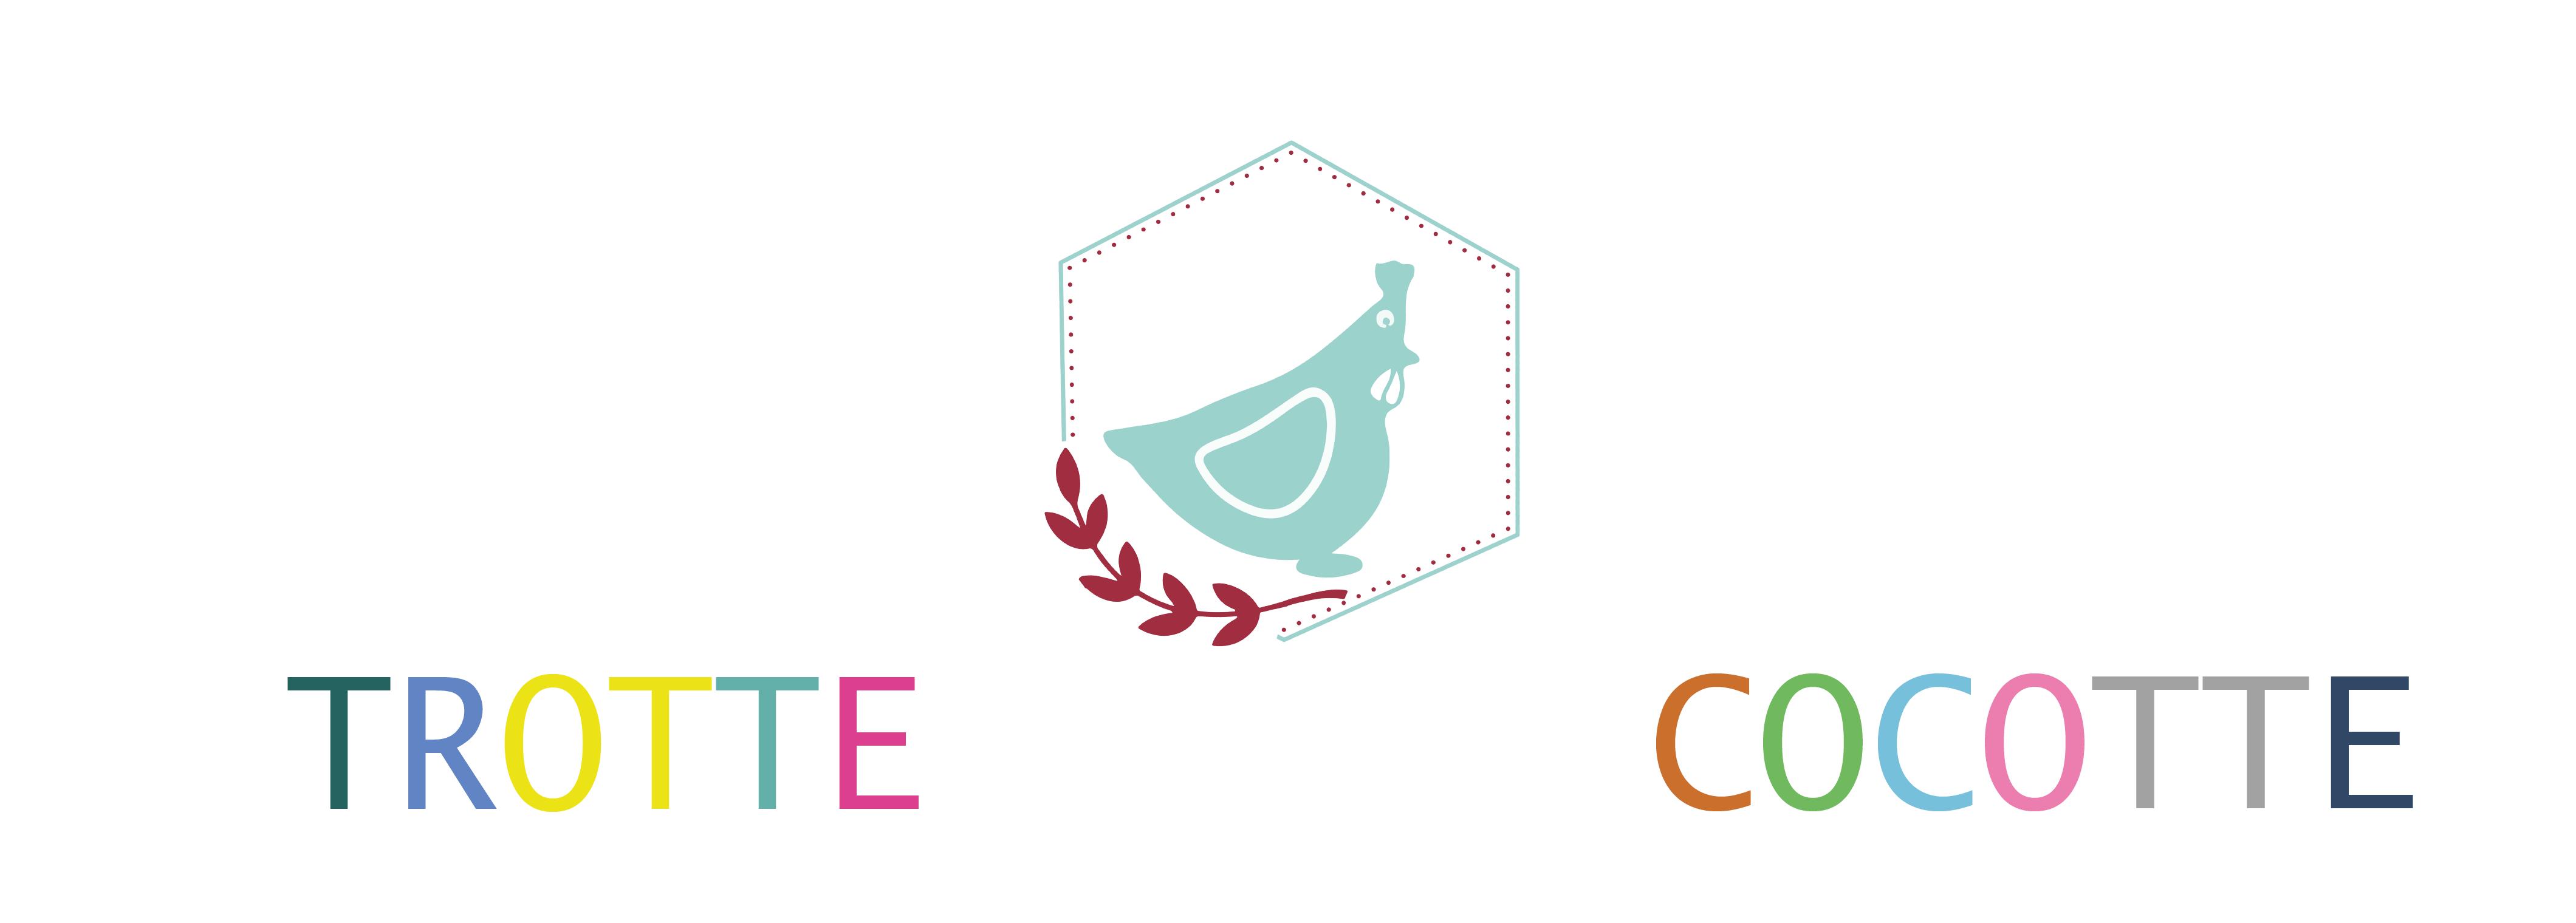 Trotte Cocotte